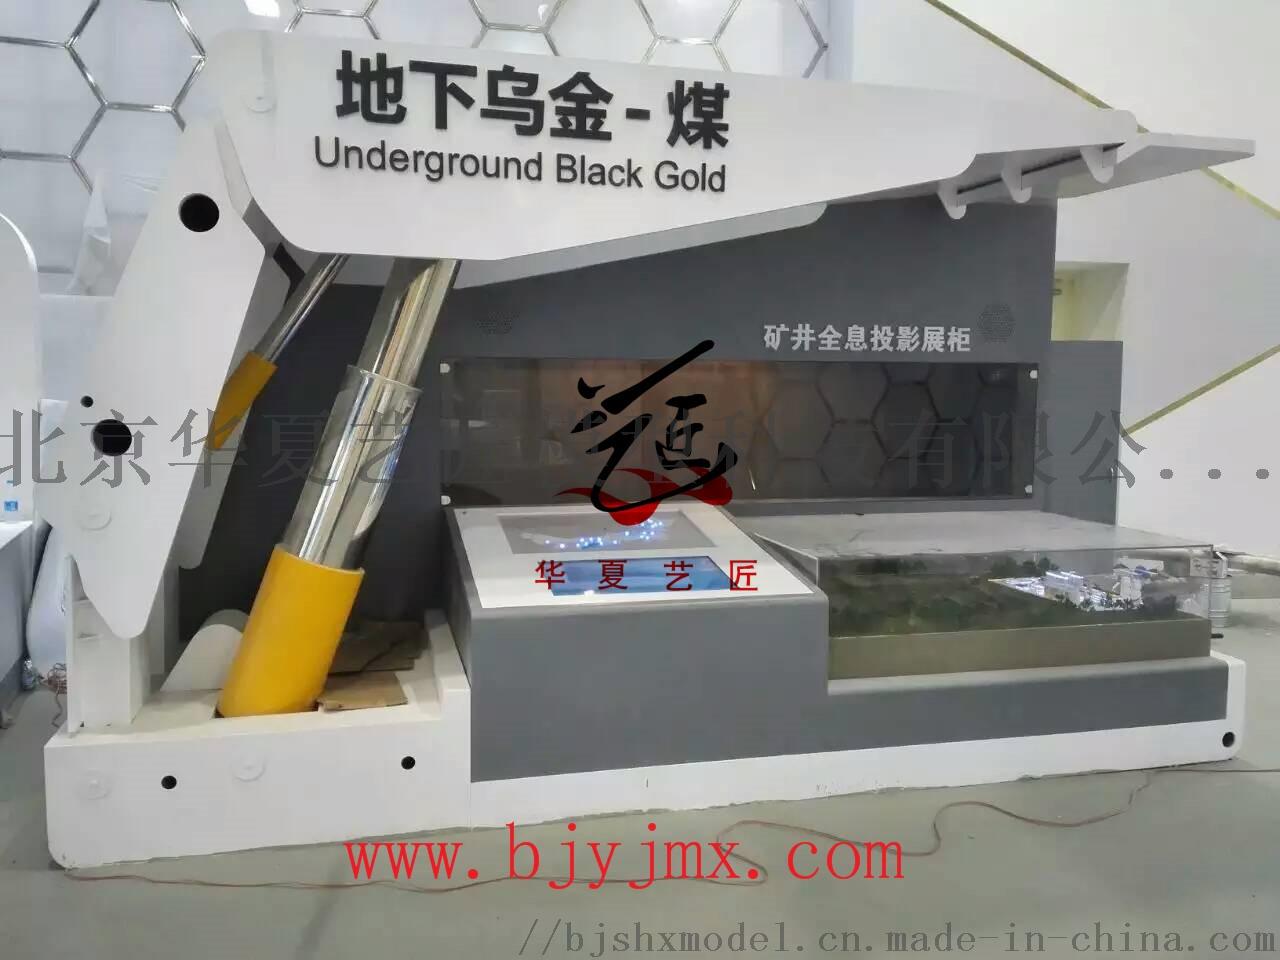 霍林河煤矿沙盘模型896629155